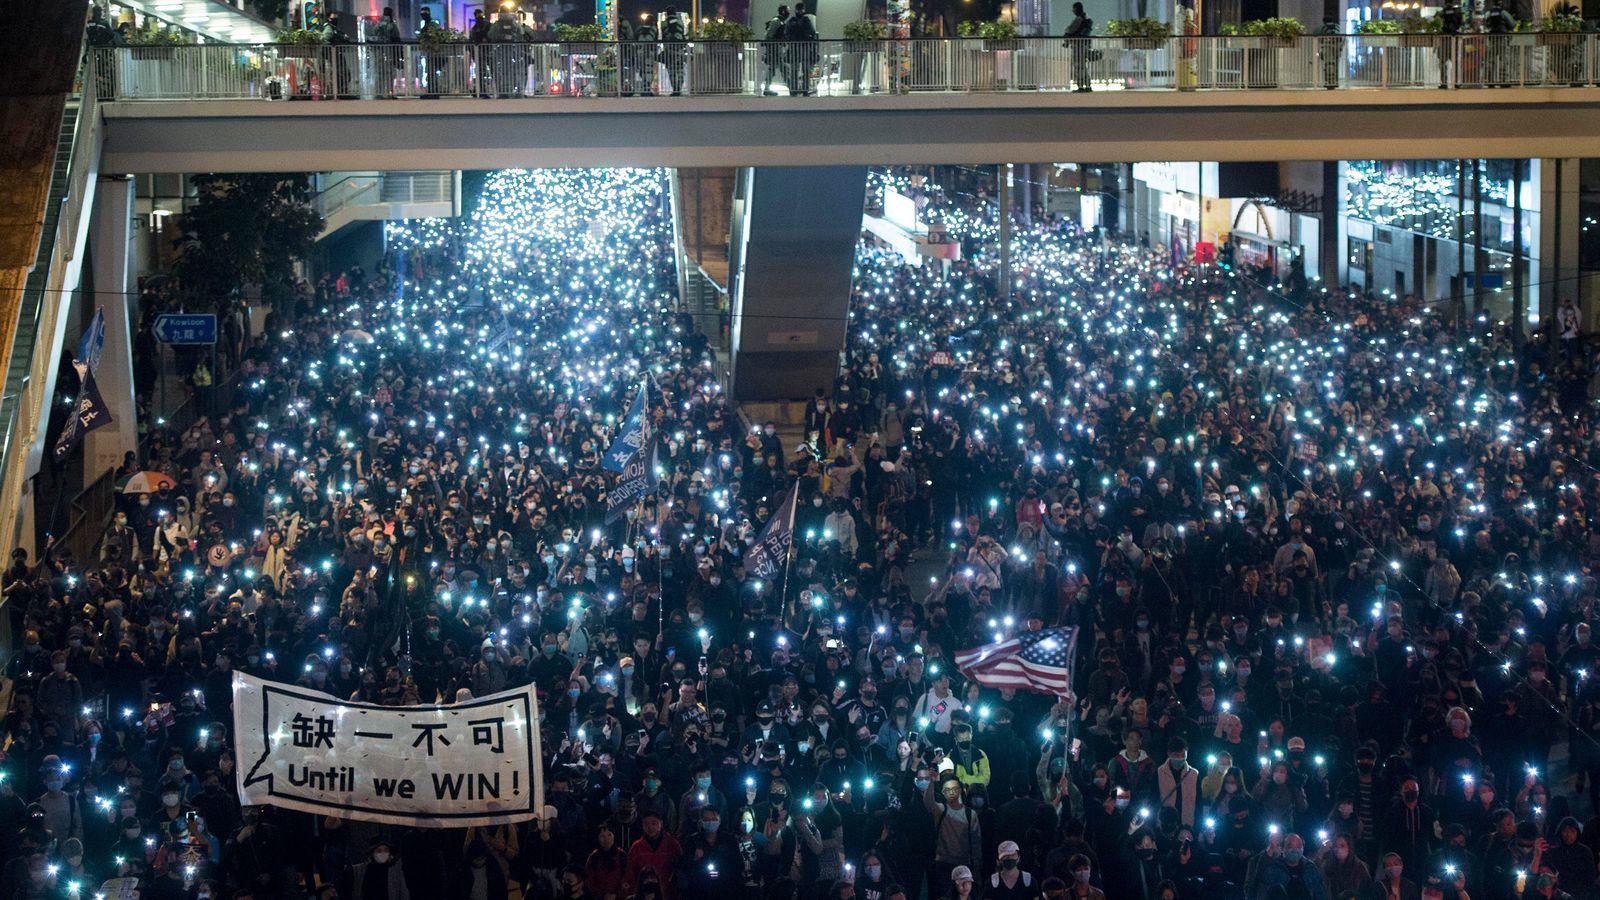 「日本が最も親中」と肩を落とす香港デモ抗議者 「日本に片思いをしているようです」